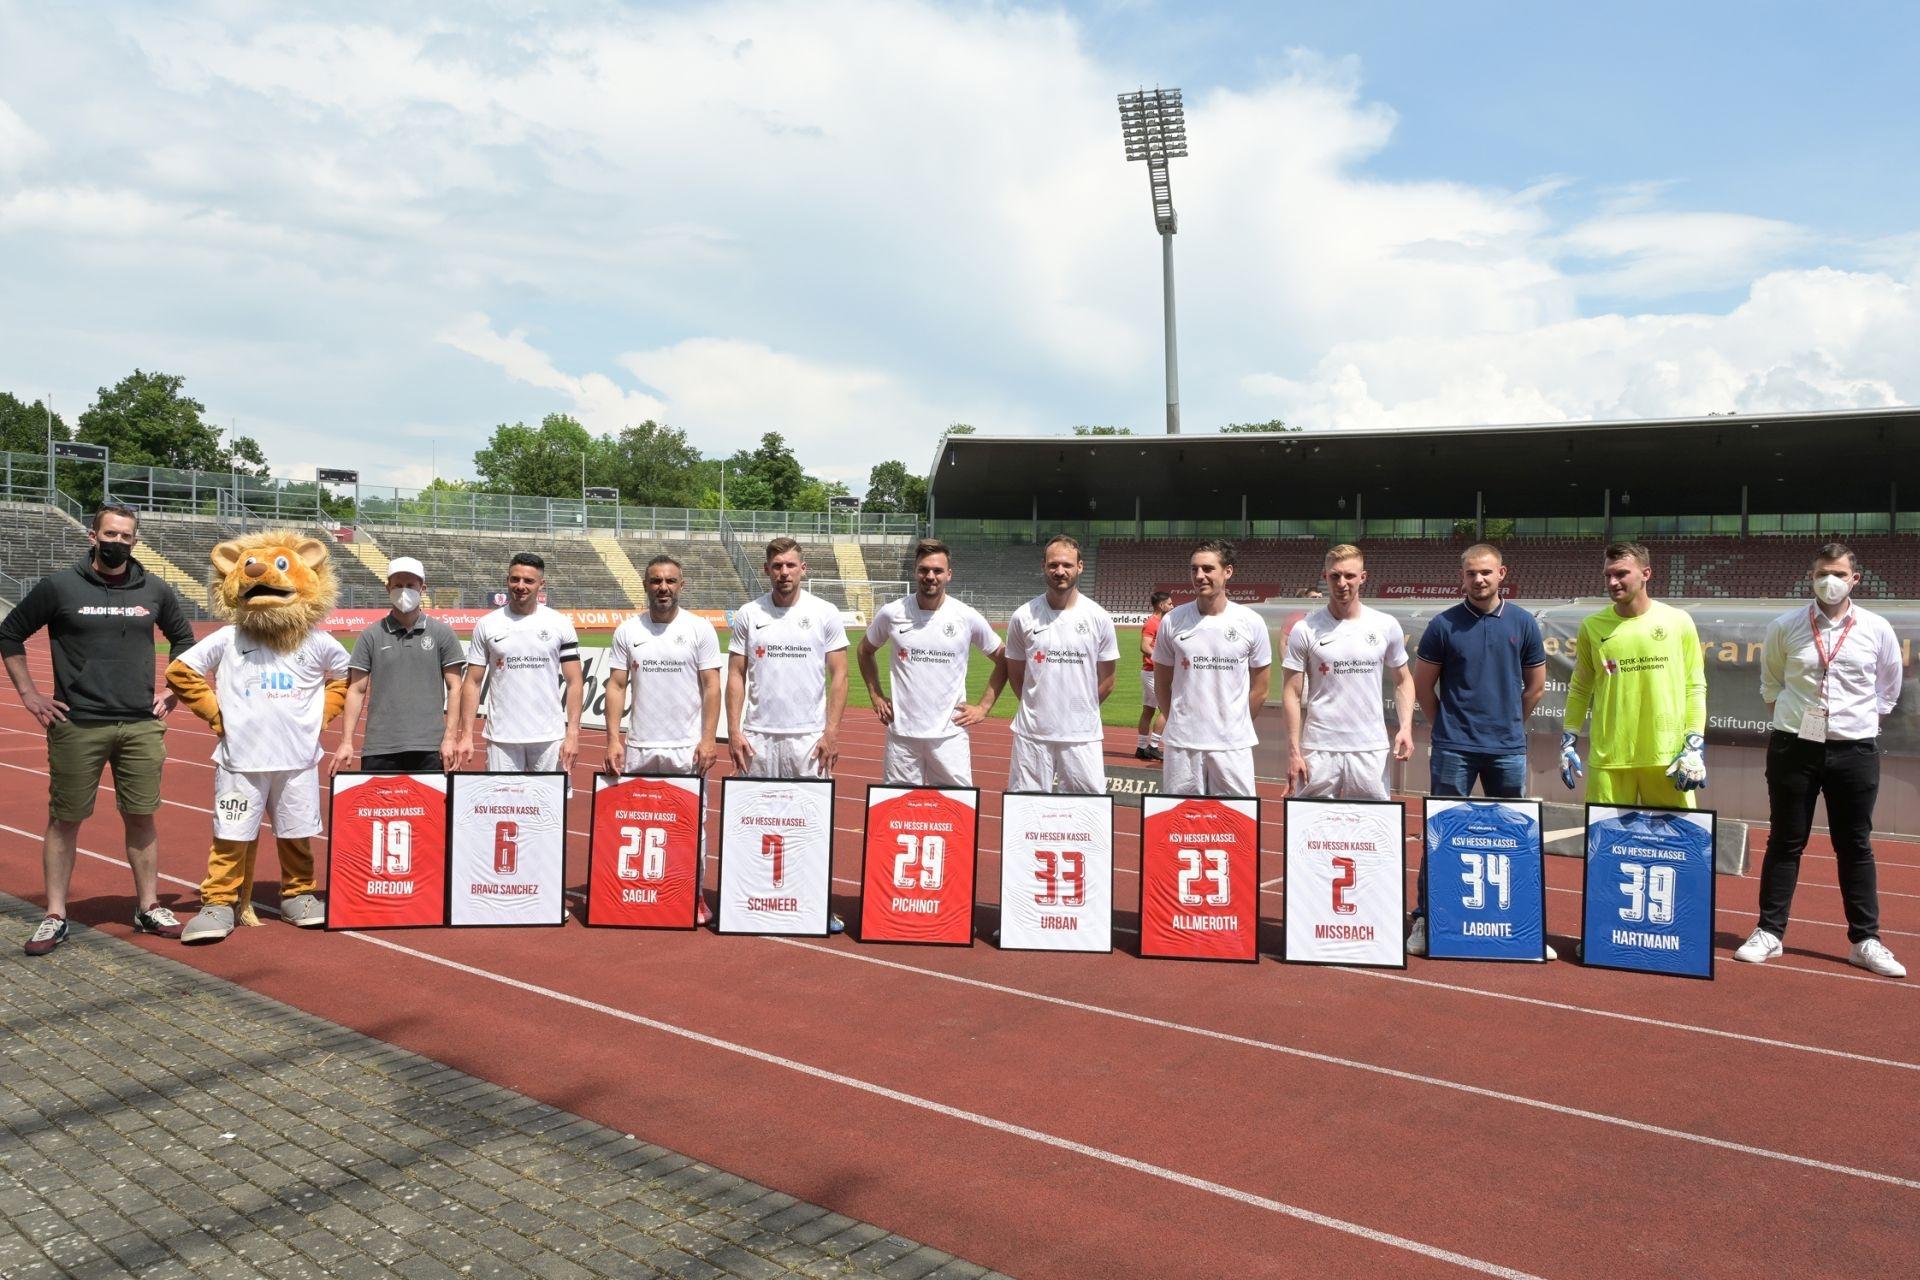 Regionalliga S�dwest 2020/21, KSV Hessen Kassel, SSV Ulm 1846, Endstand 3:1, Verabschiedung